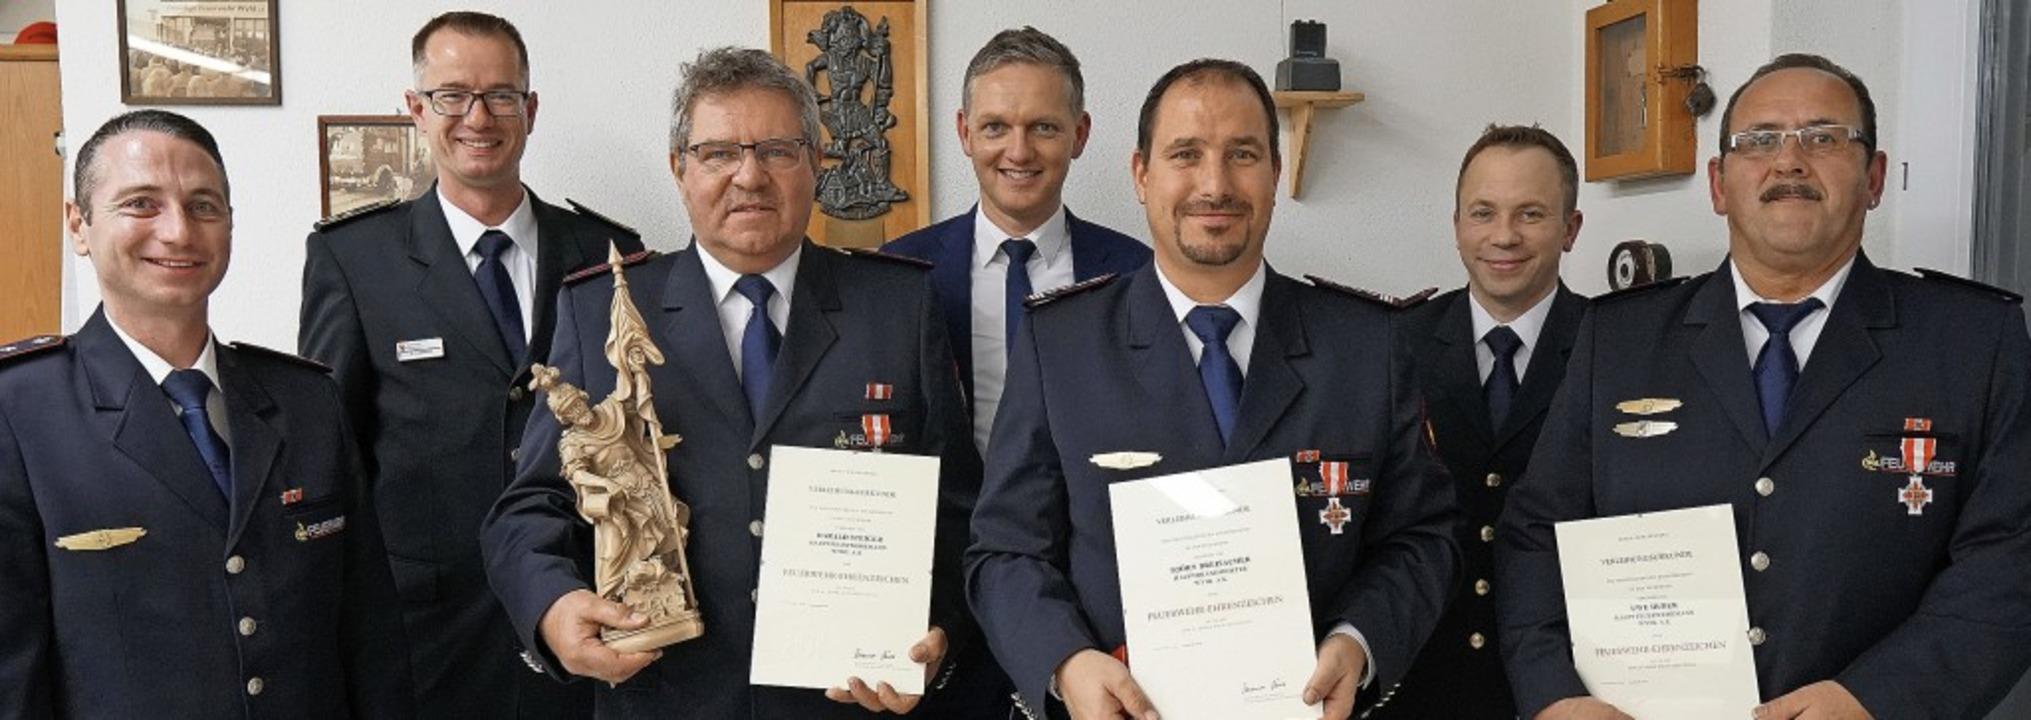 Ehrungen für langjährigen aktiven Feue...auptversammlung der Wyhler Feuerwehr.   | Foto: Jürgen Schweizer